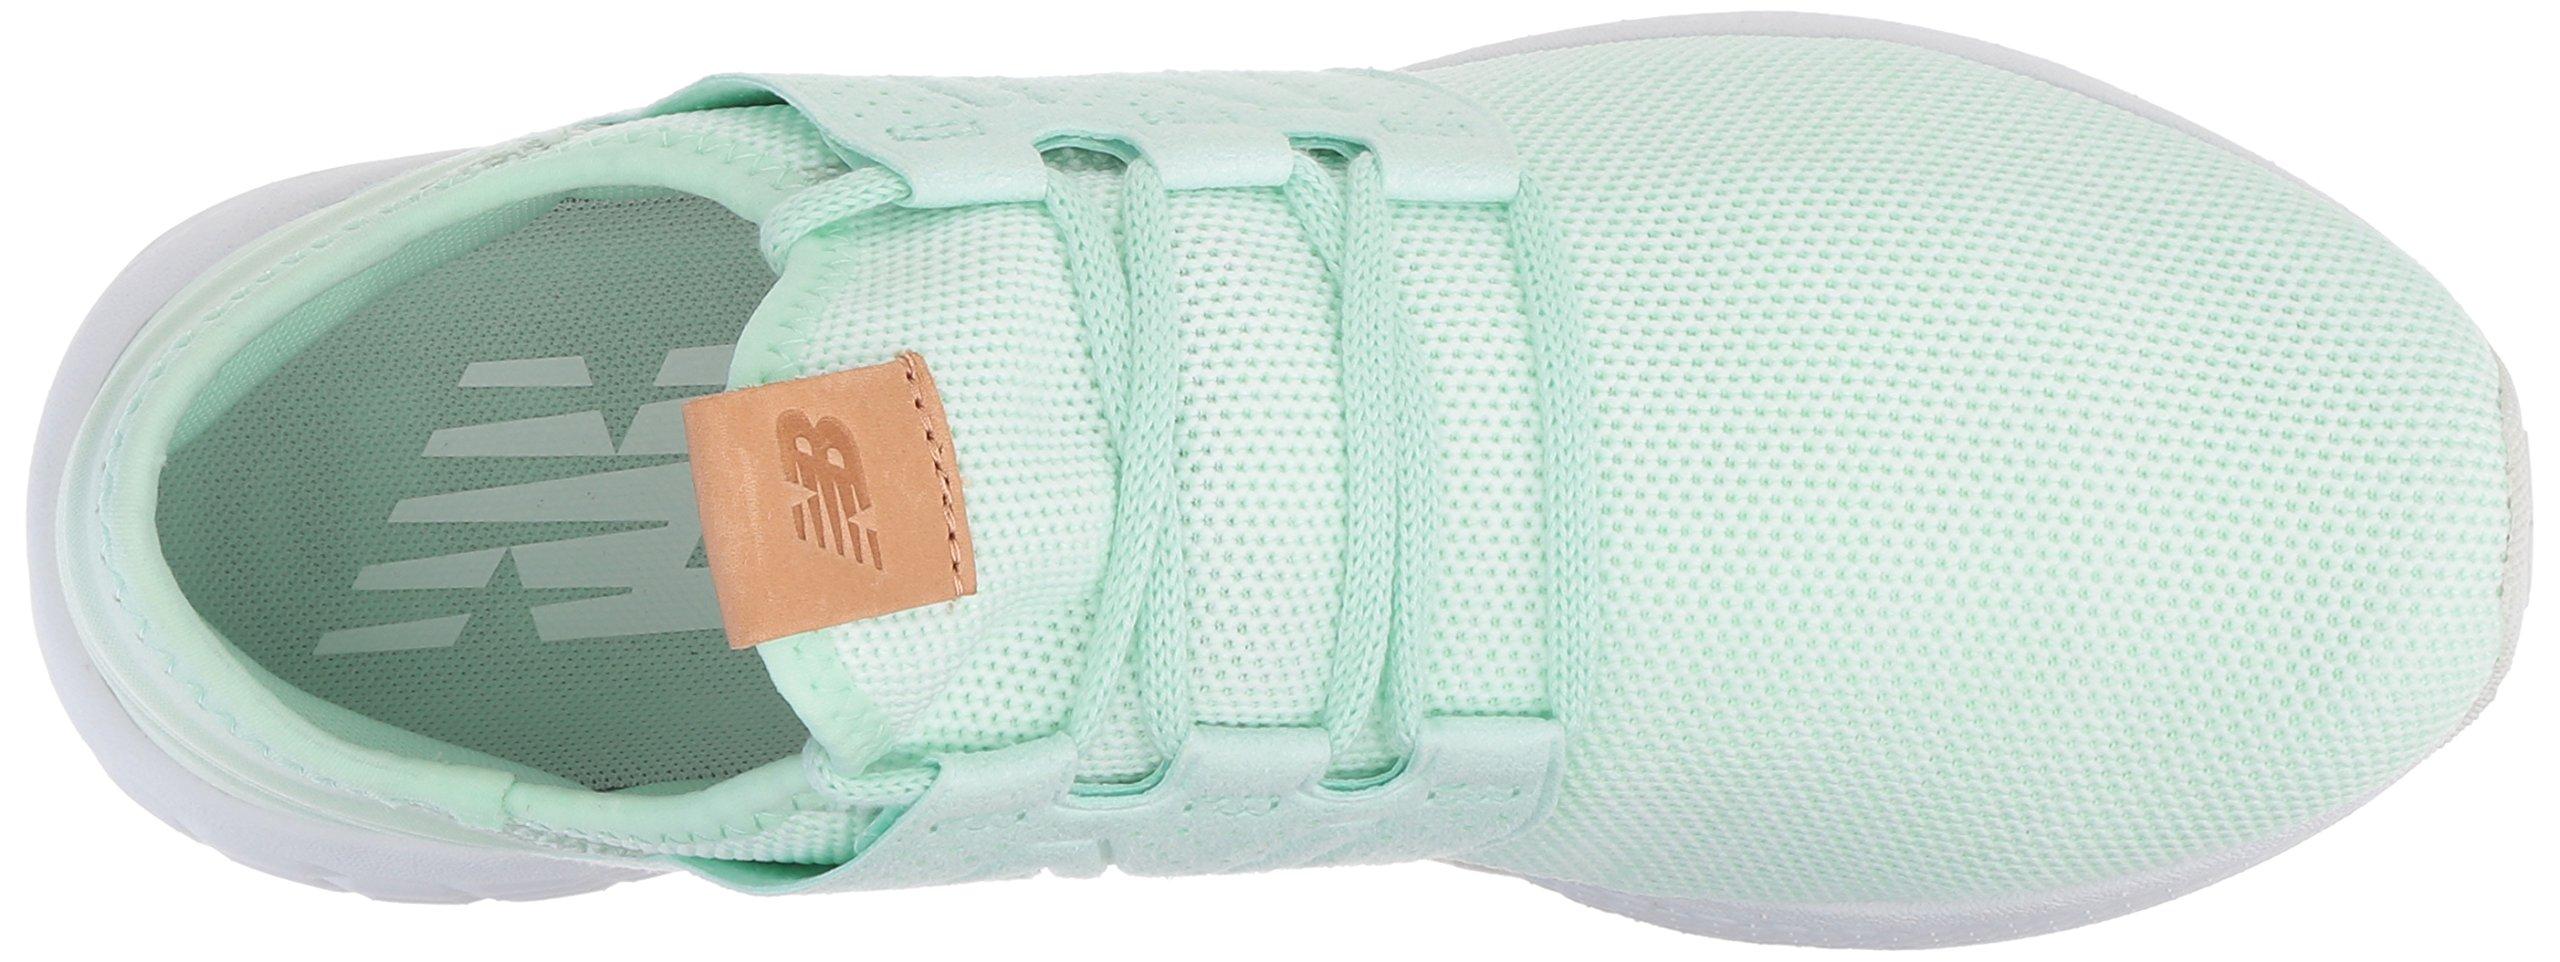 New Balance Women's Fresh Foam Cruz V2 Sneaker, Seafoam Green, 12 B US